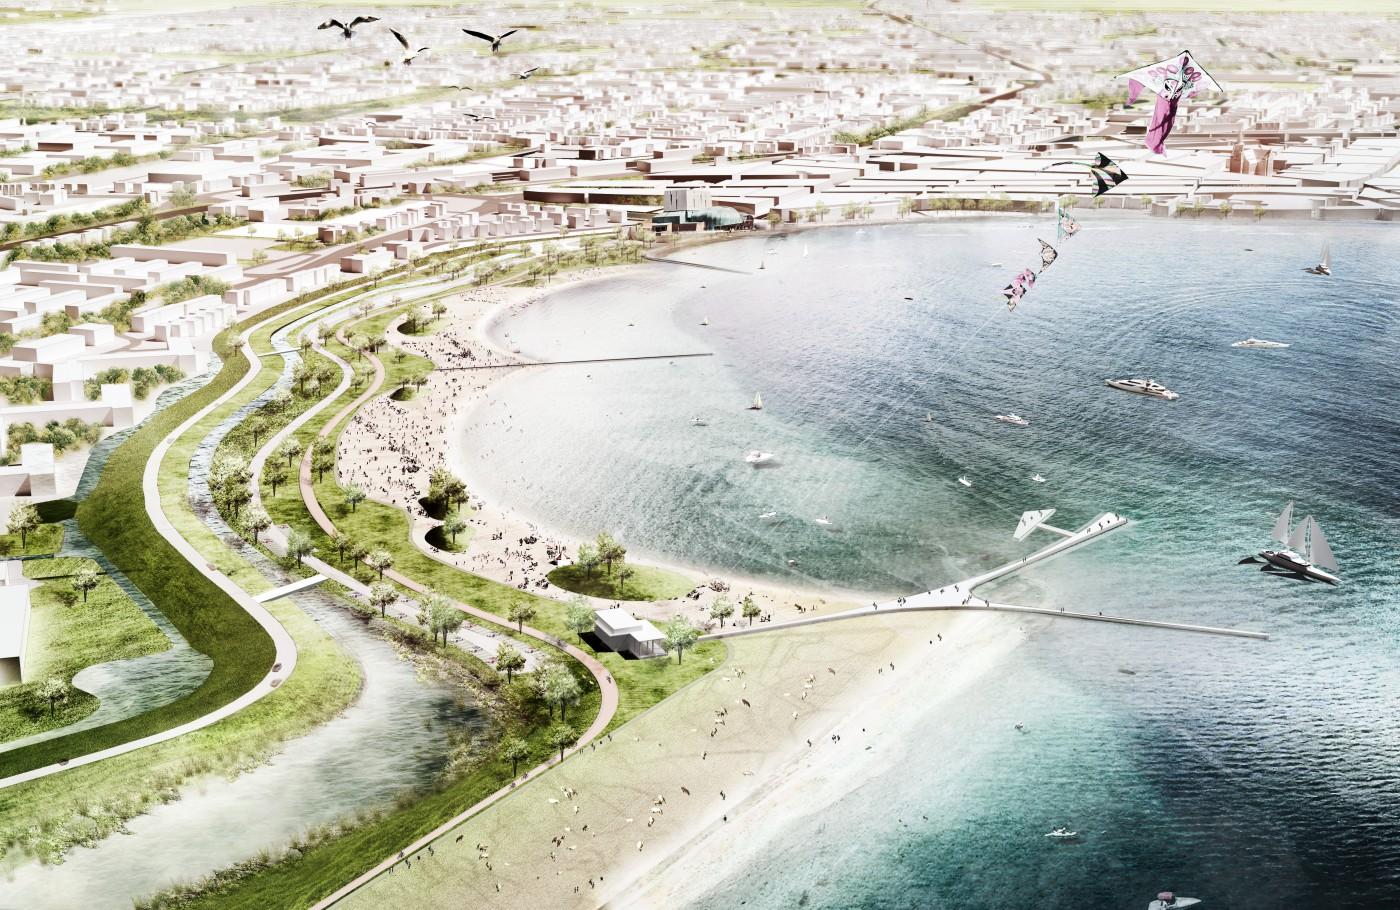 Buro-sant-en-co-landschapsarchitectuur-stadsstrand-hoorn-schetsontwerp V01-revised (2)